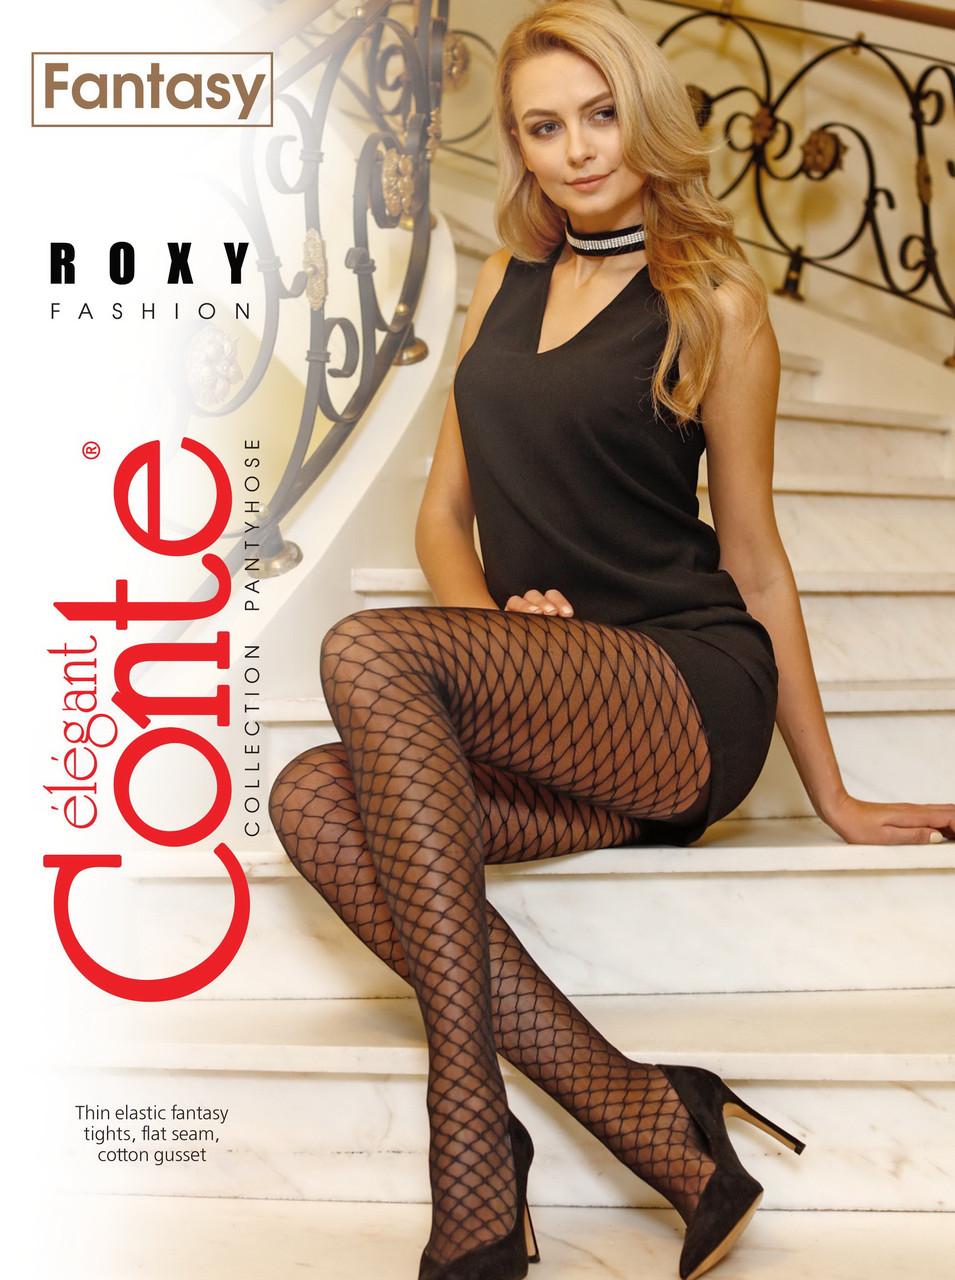 Жіночі капронові колготки Conte fantasy roxy з імітацією великої сітки 20 den чорні